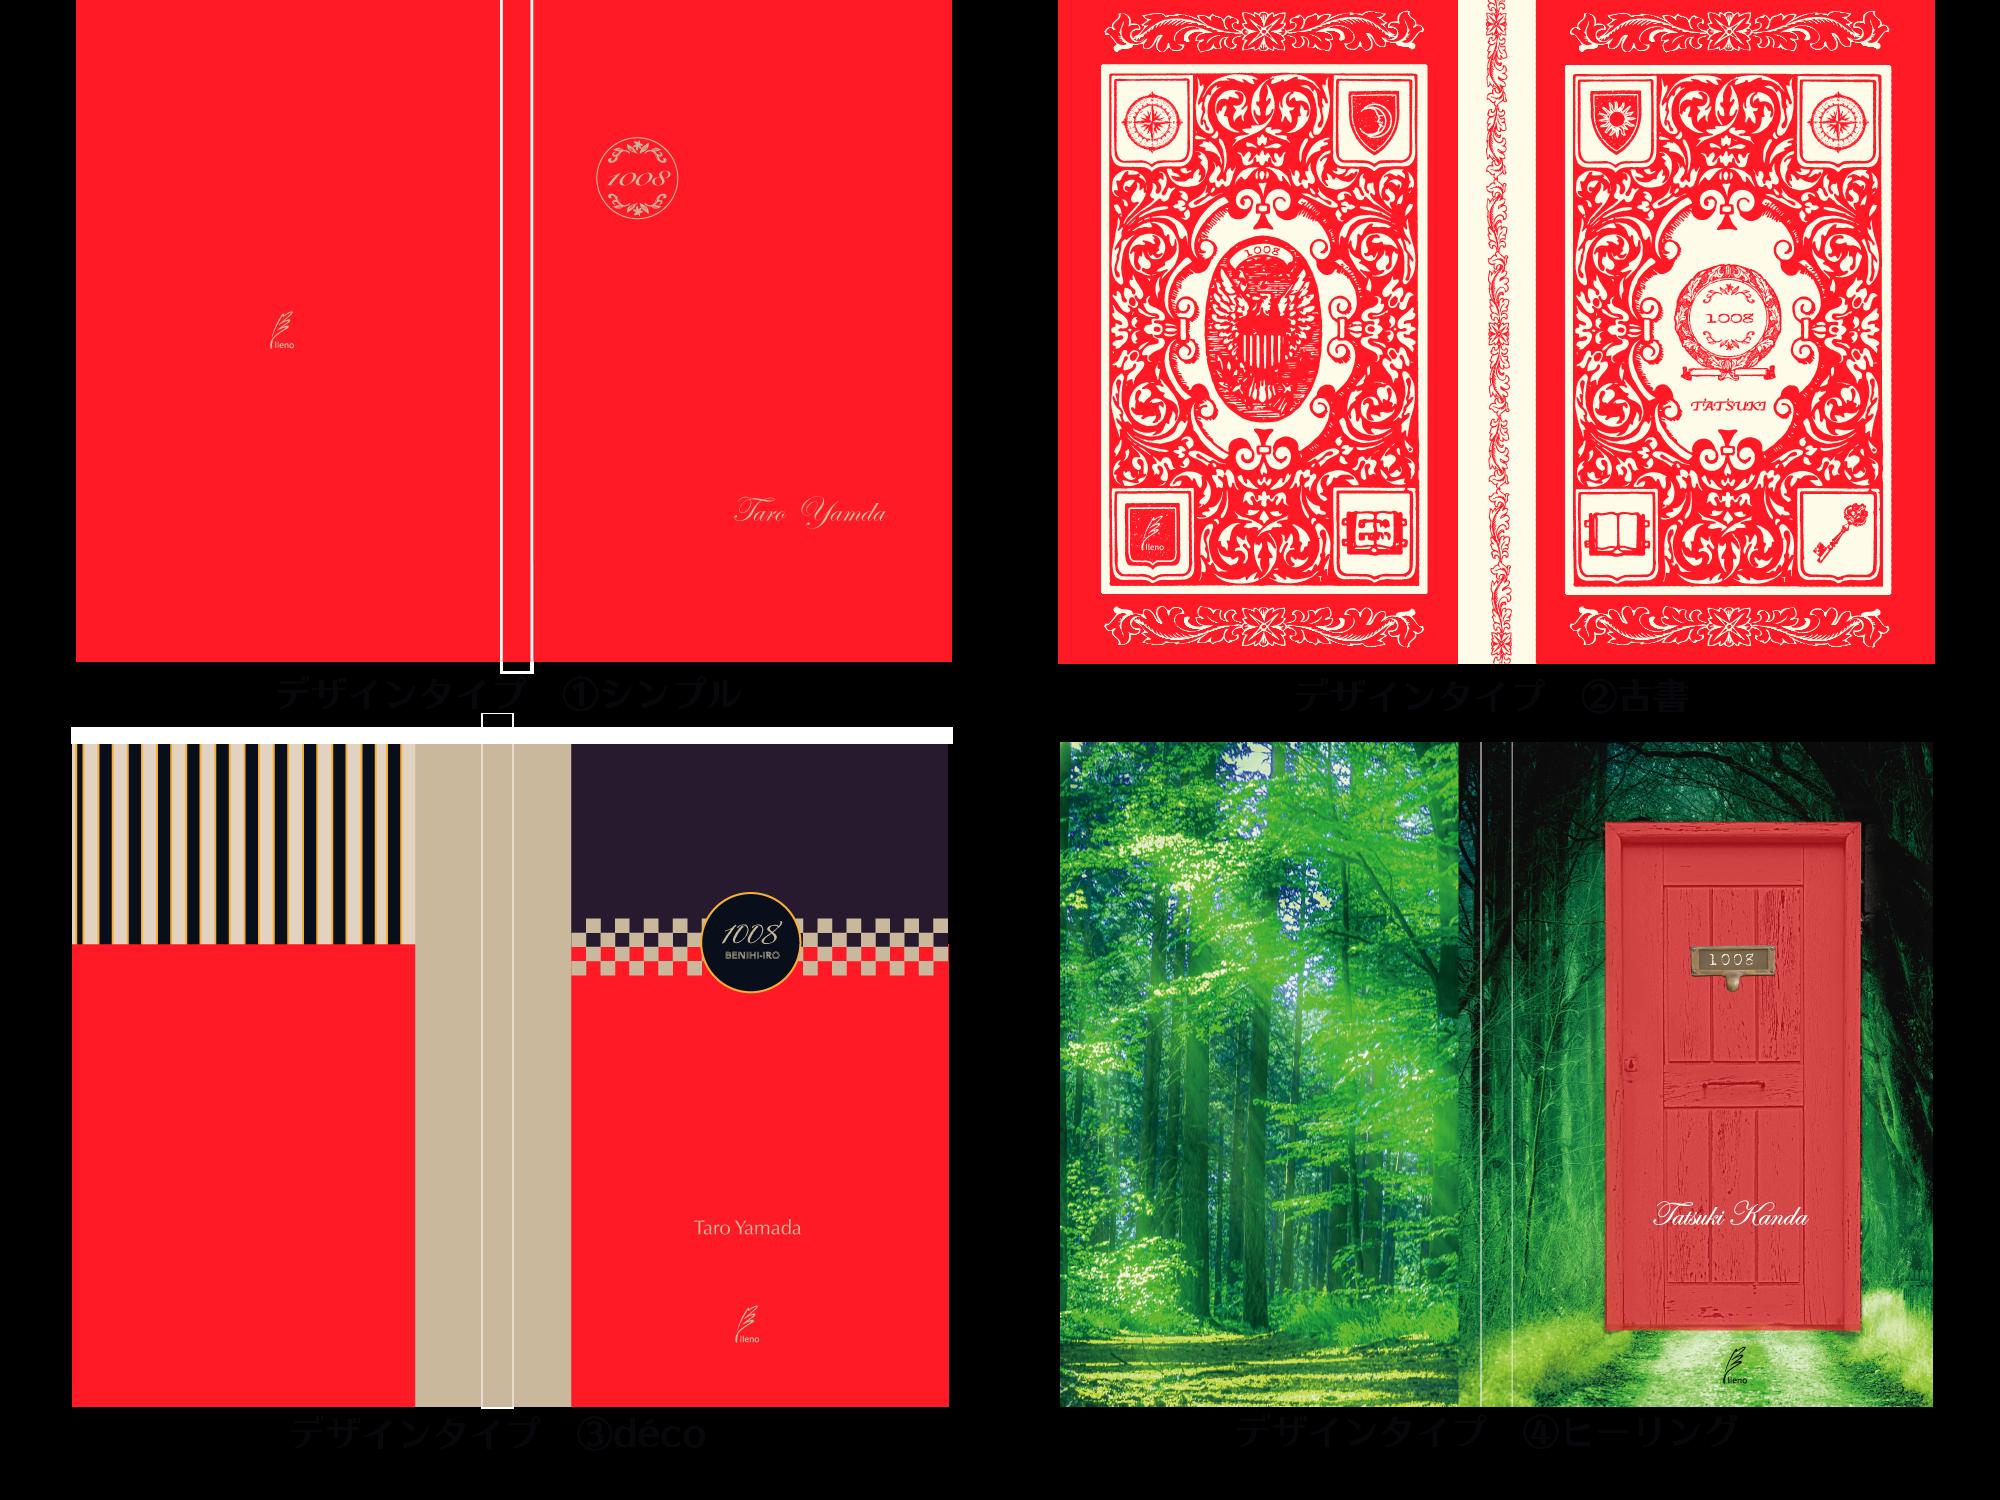 運命のノート『10月8日 紅緋色』(鑑定&メッセージカード付)